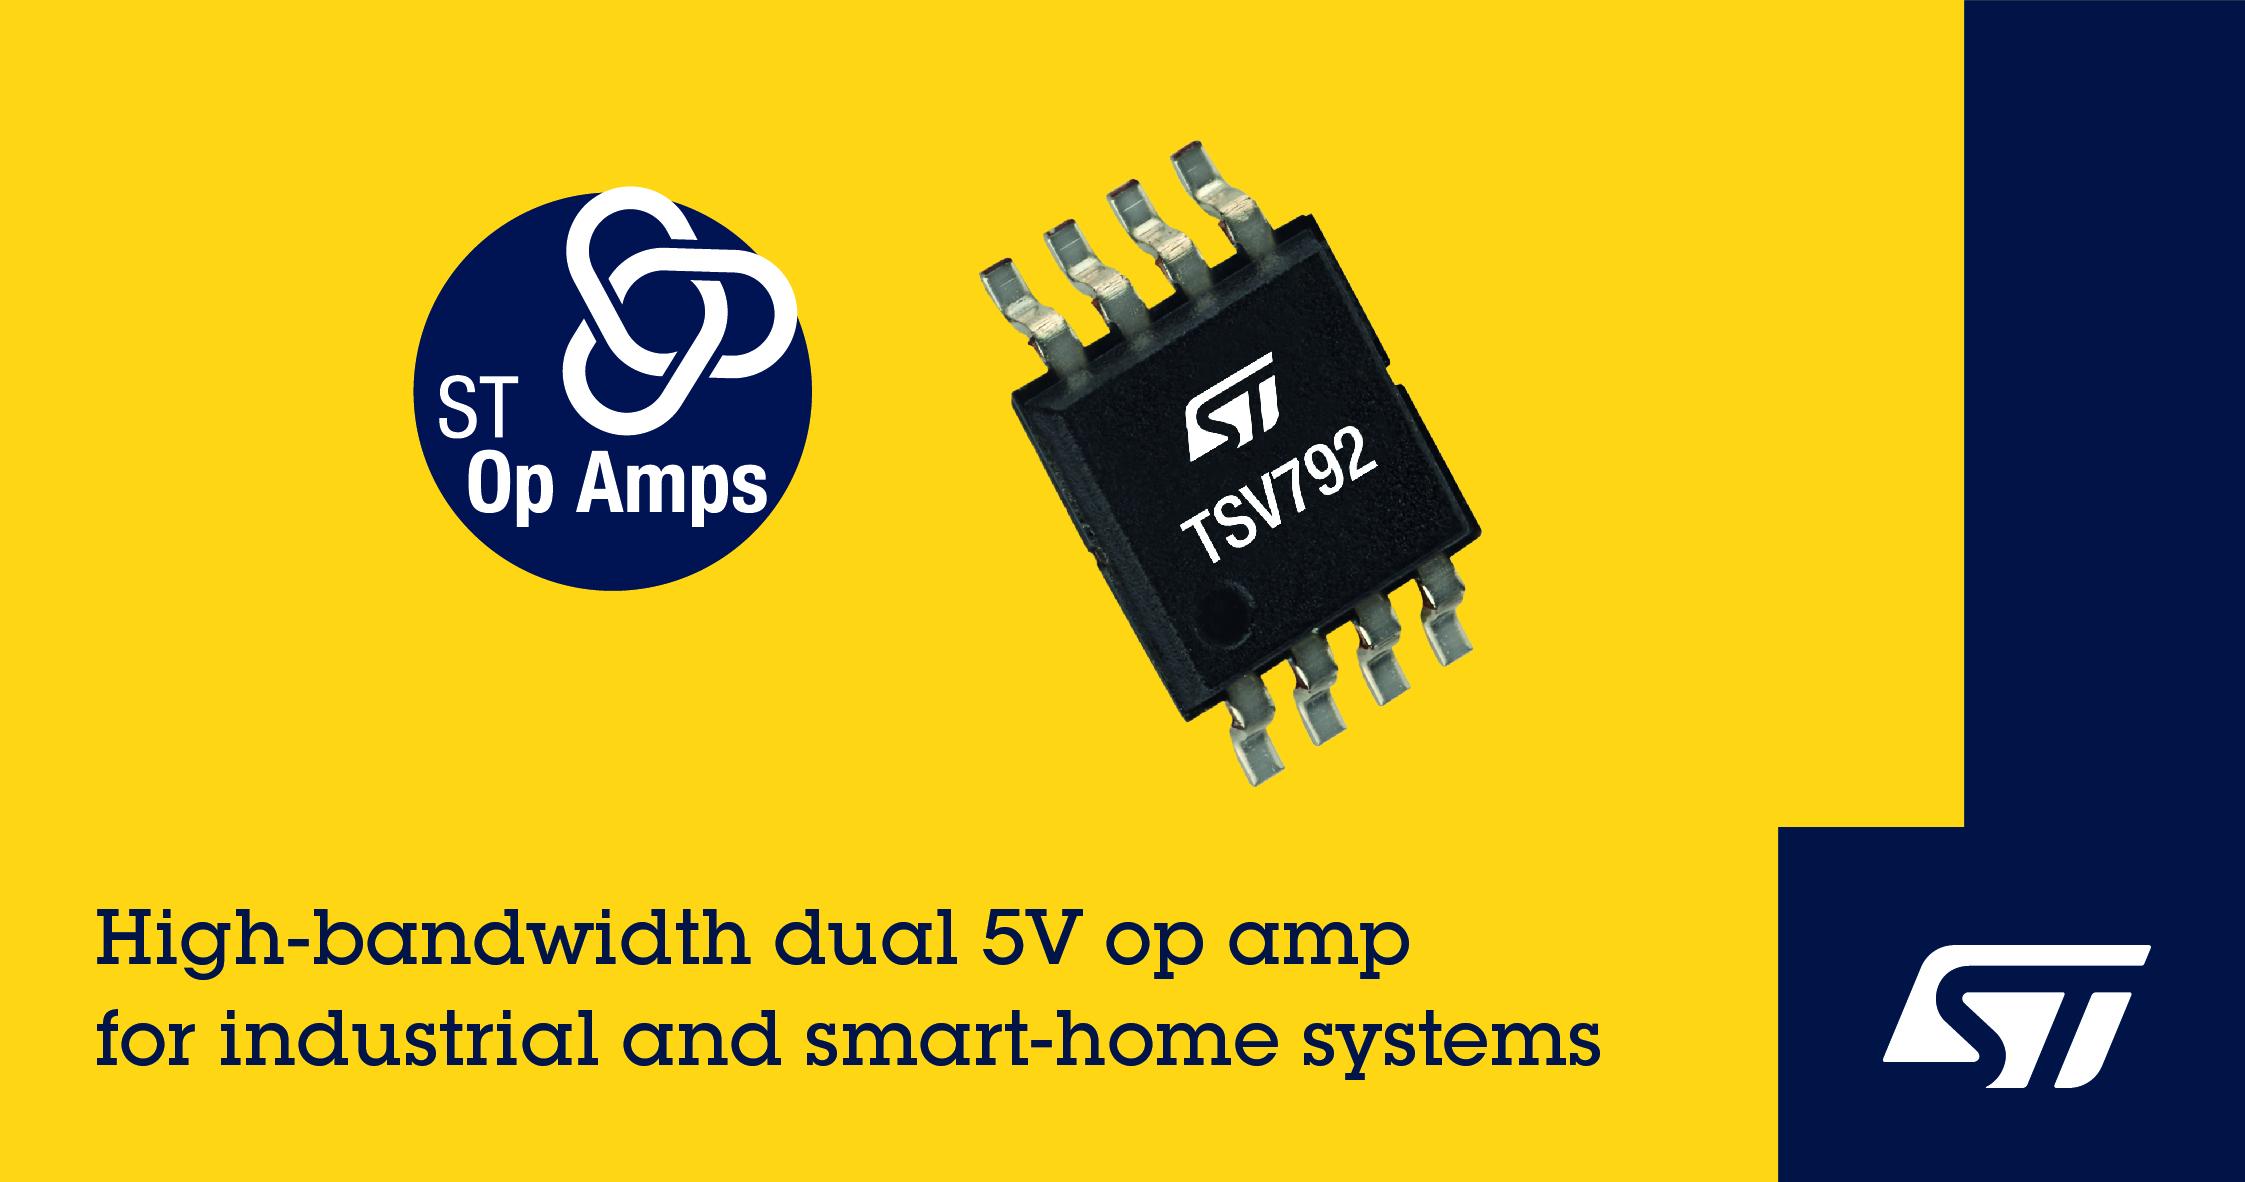 意法半导体50MHz高精度运放提升高速信号调理和电流检测性能